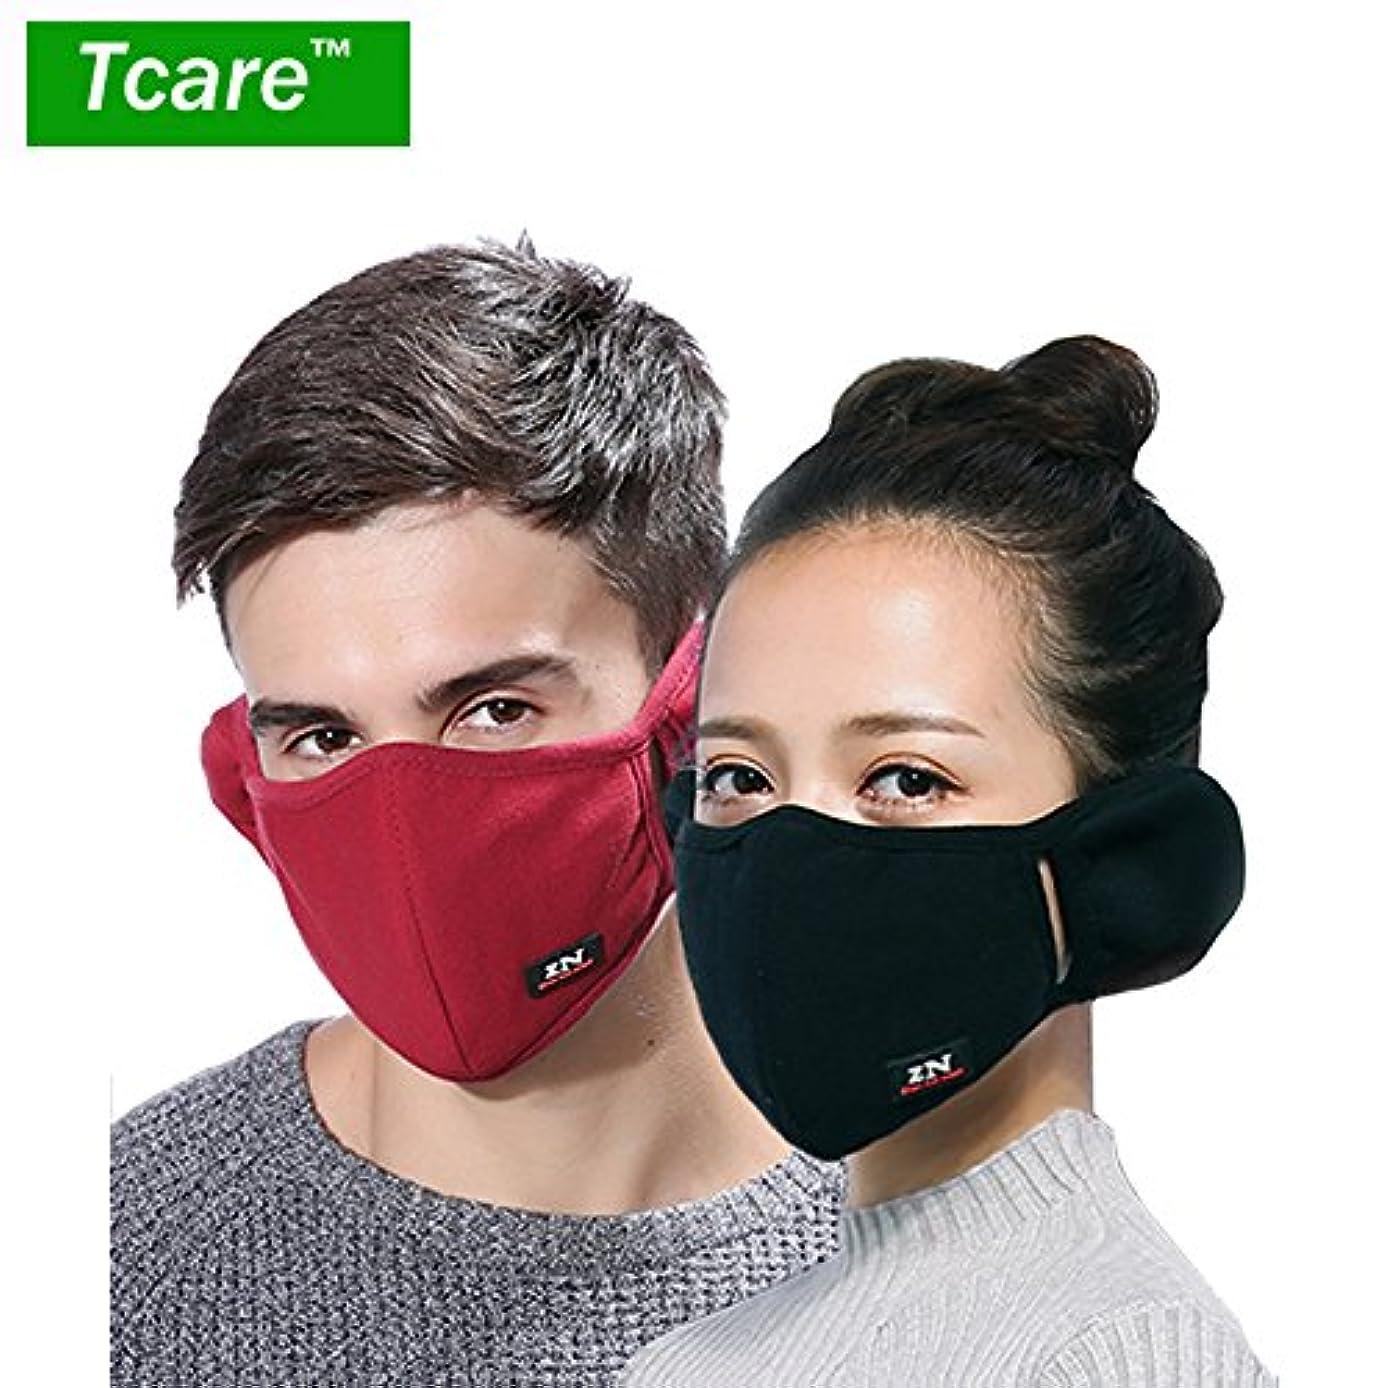 寝具打撃ゲート男性女性の少年少女のためのTcare呼吸器2レイヤピュアコットン保護フィルター挿入口:4ローズレッド